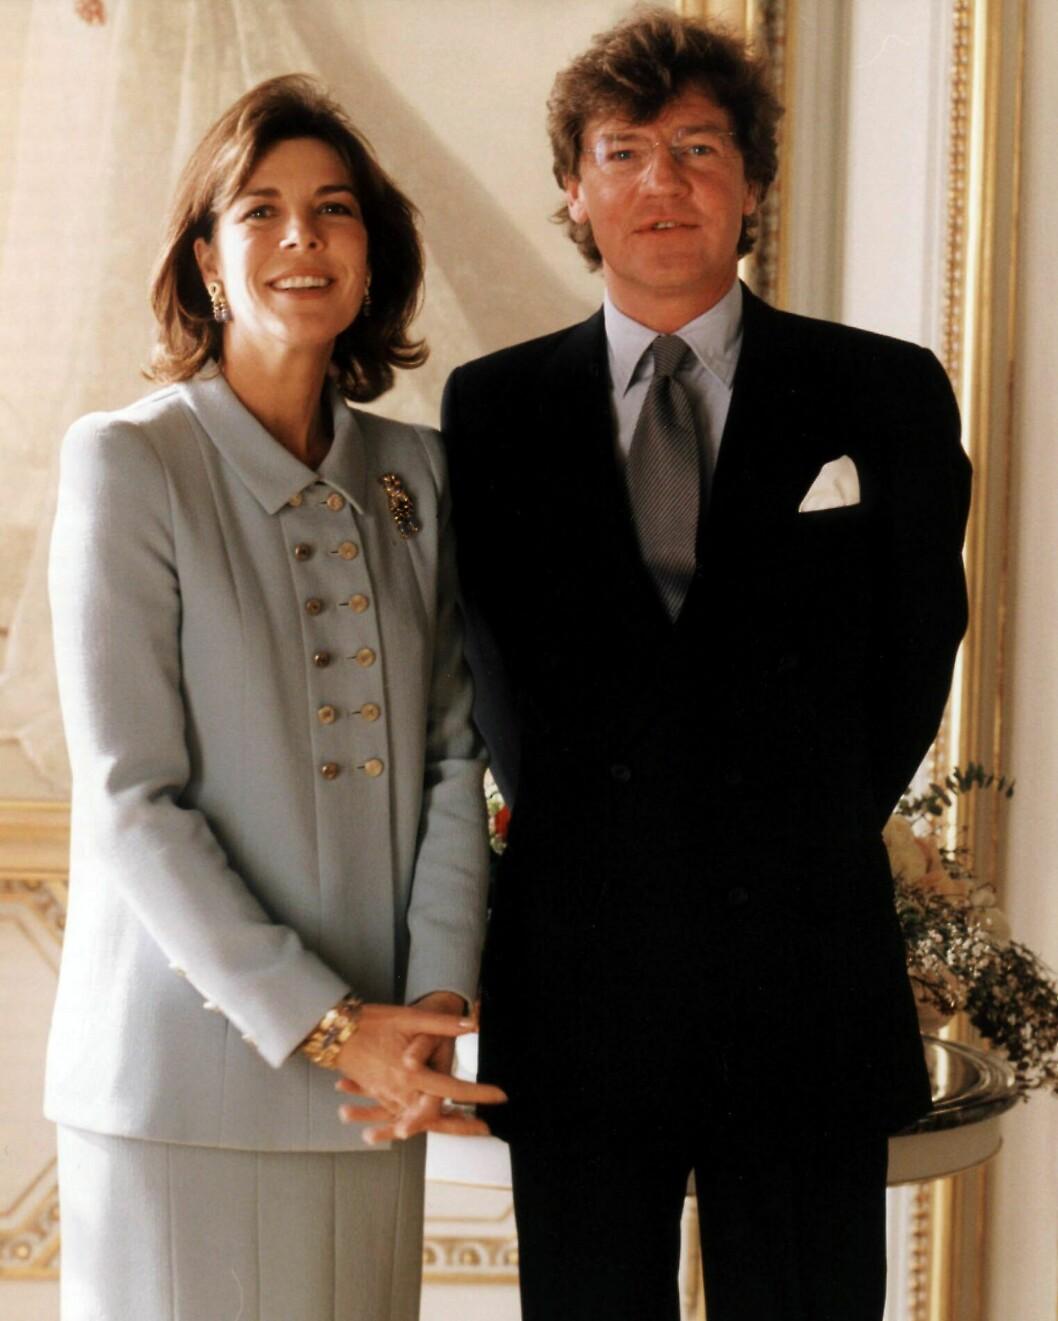 <strong>EKTEMANN NUMMER TRE:</strong> Prinsesse Caroline og prins Ernst August av Hanover fotografert i Monaco lørdag 23. januar 1999 - rett før deres borgerlige vielse. De er fremdeles gift i dag, men lever separate liv. Foto: NTB Scanpix